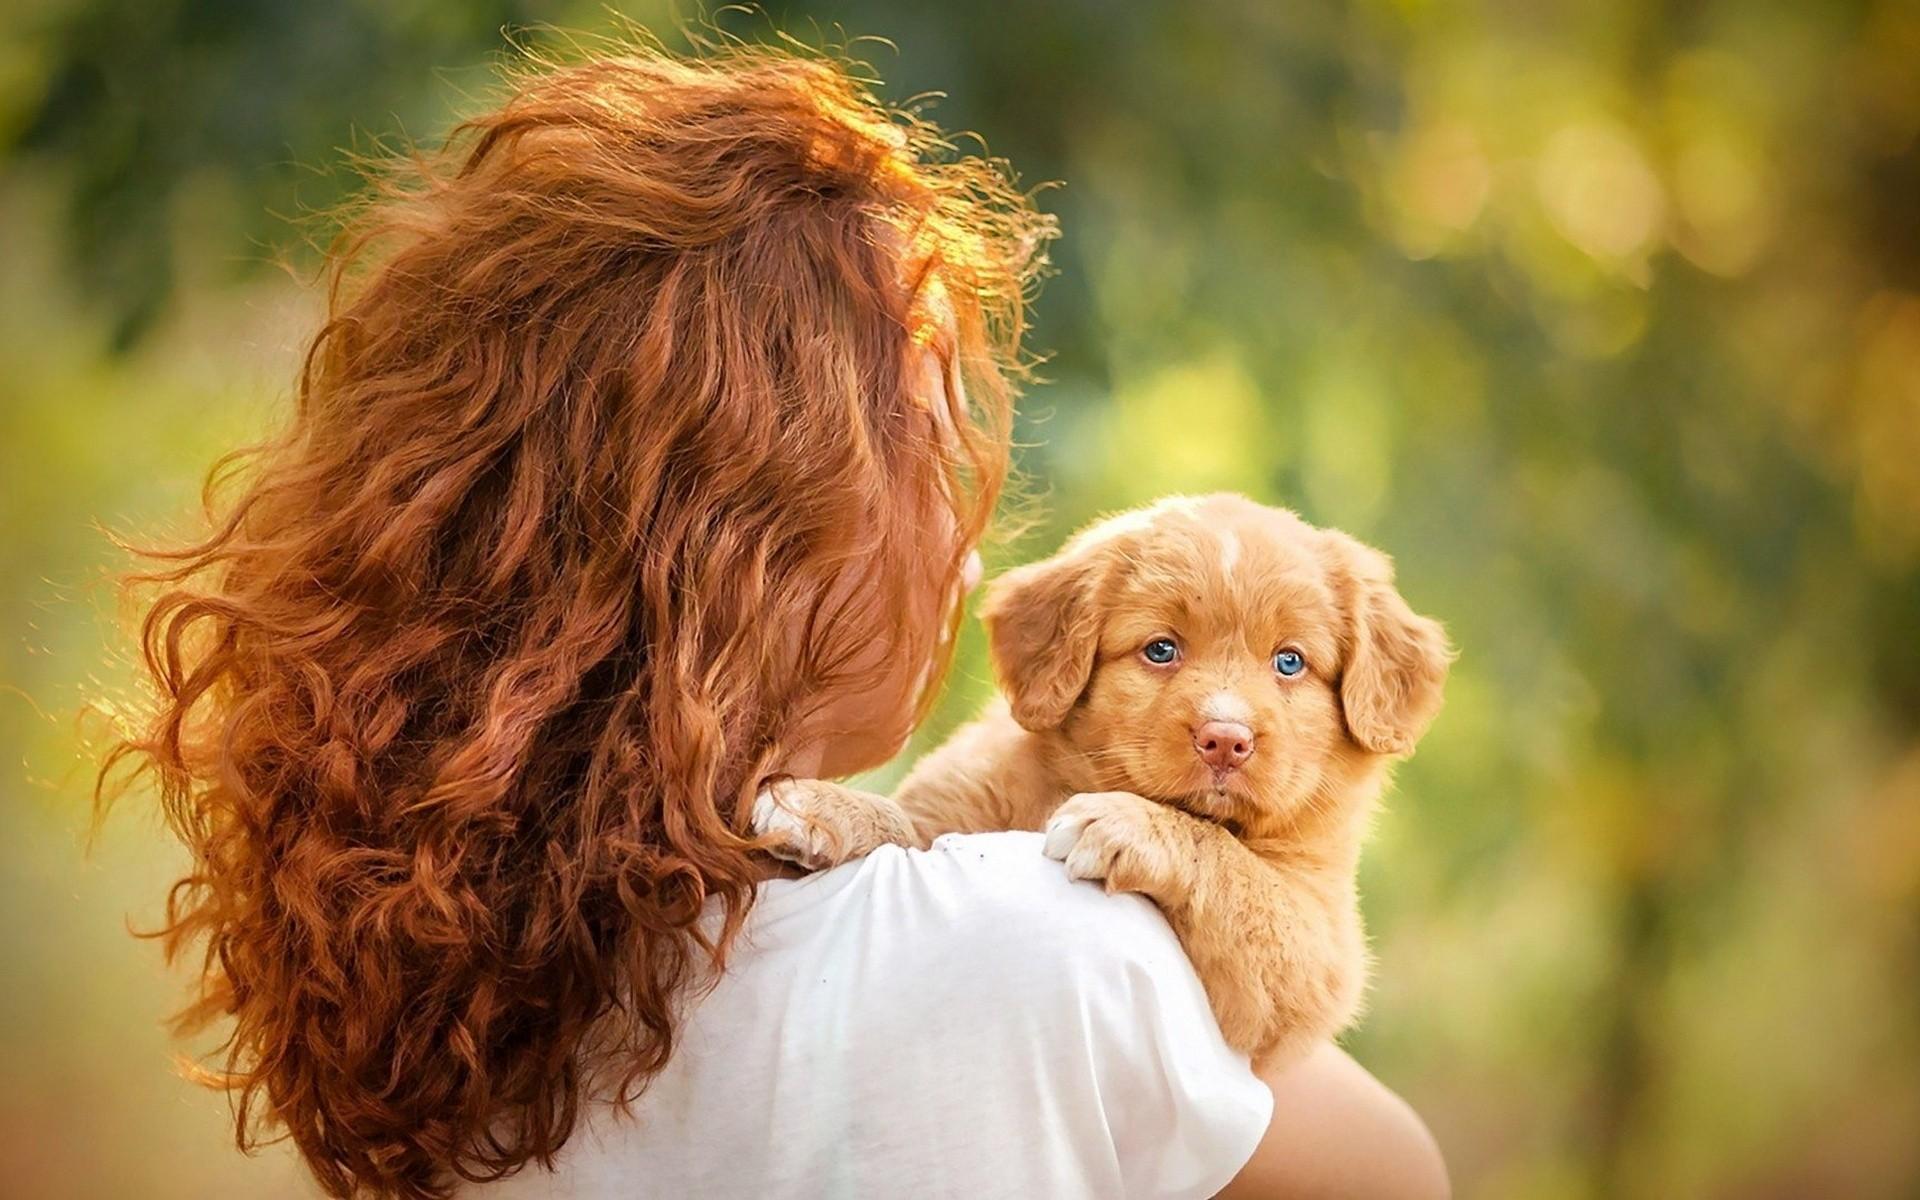 щенок на руках у девушки